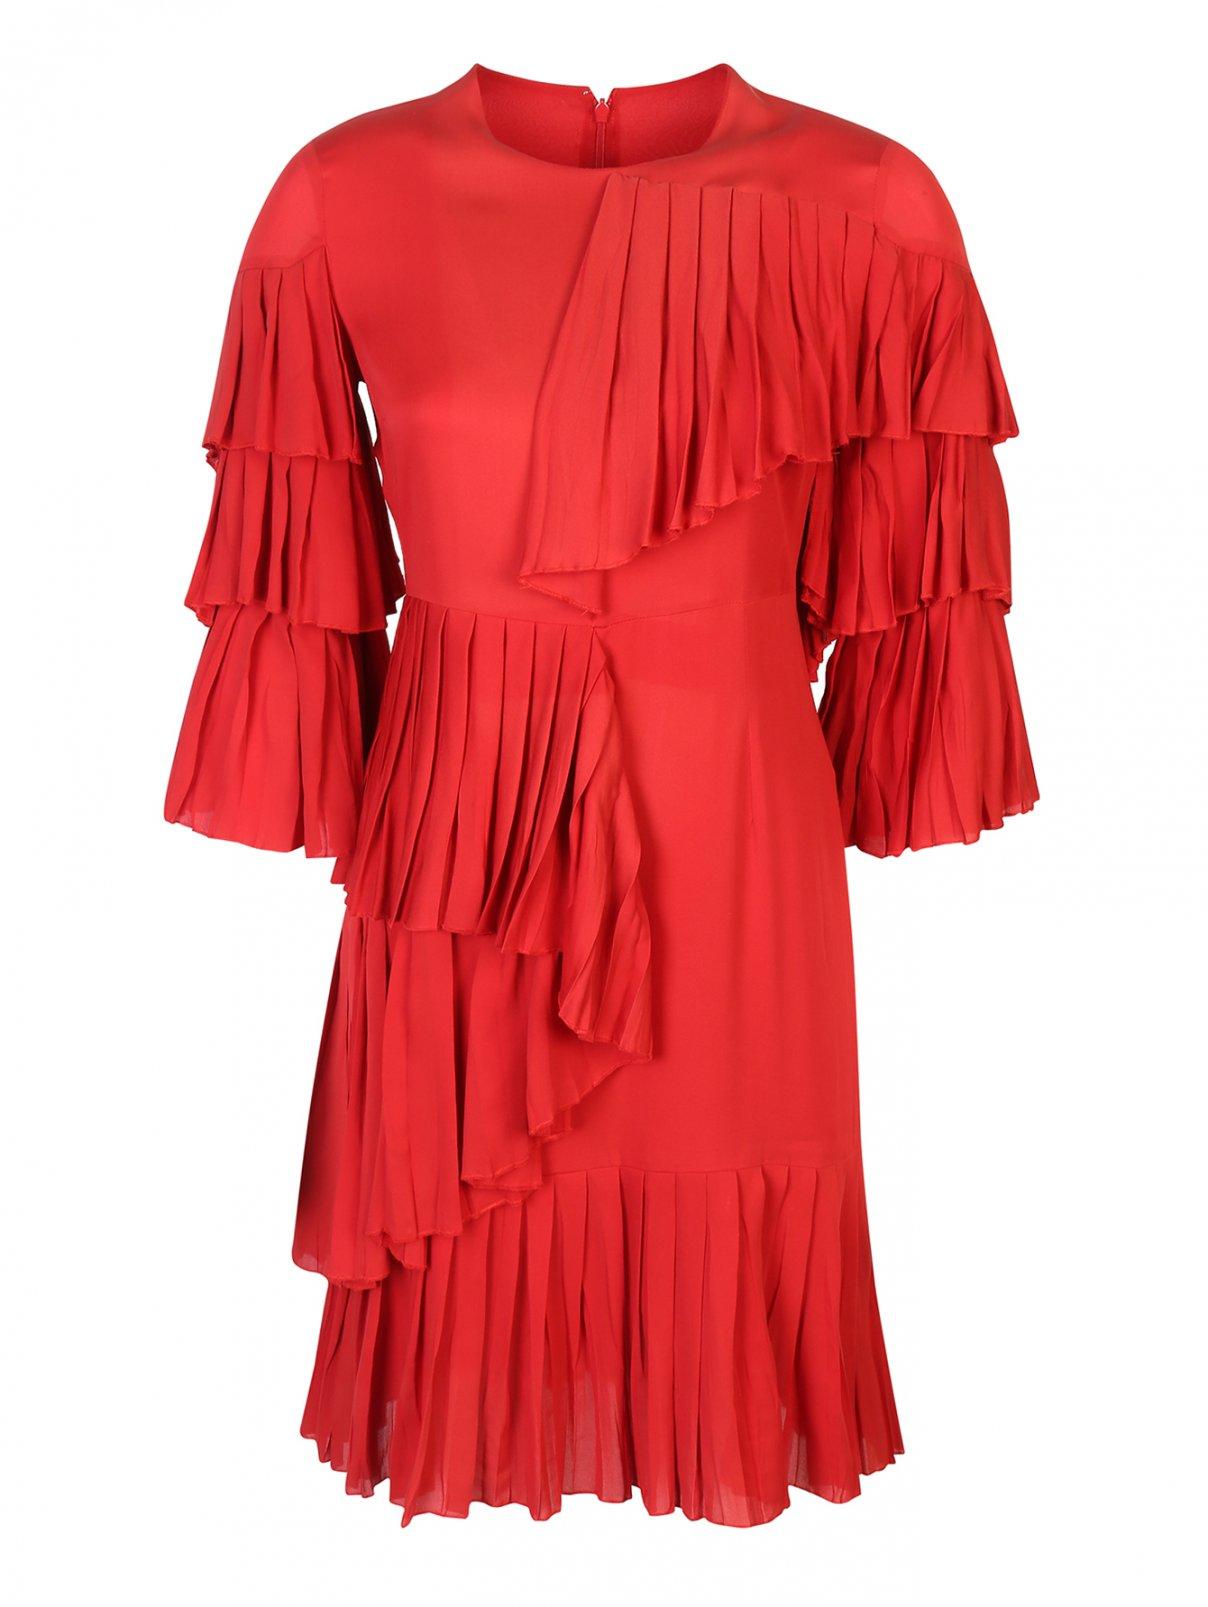 Платье шелковое, с воланами Gucci  –  Общий вид